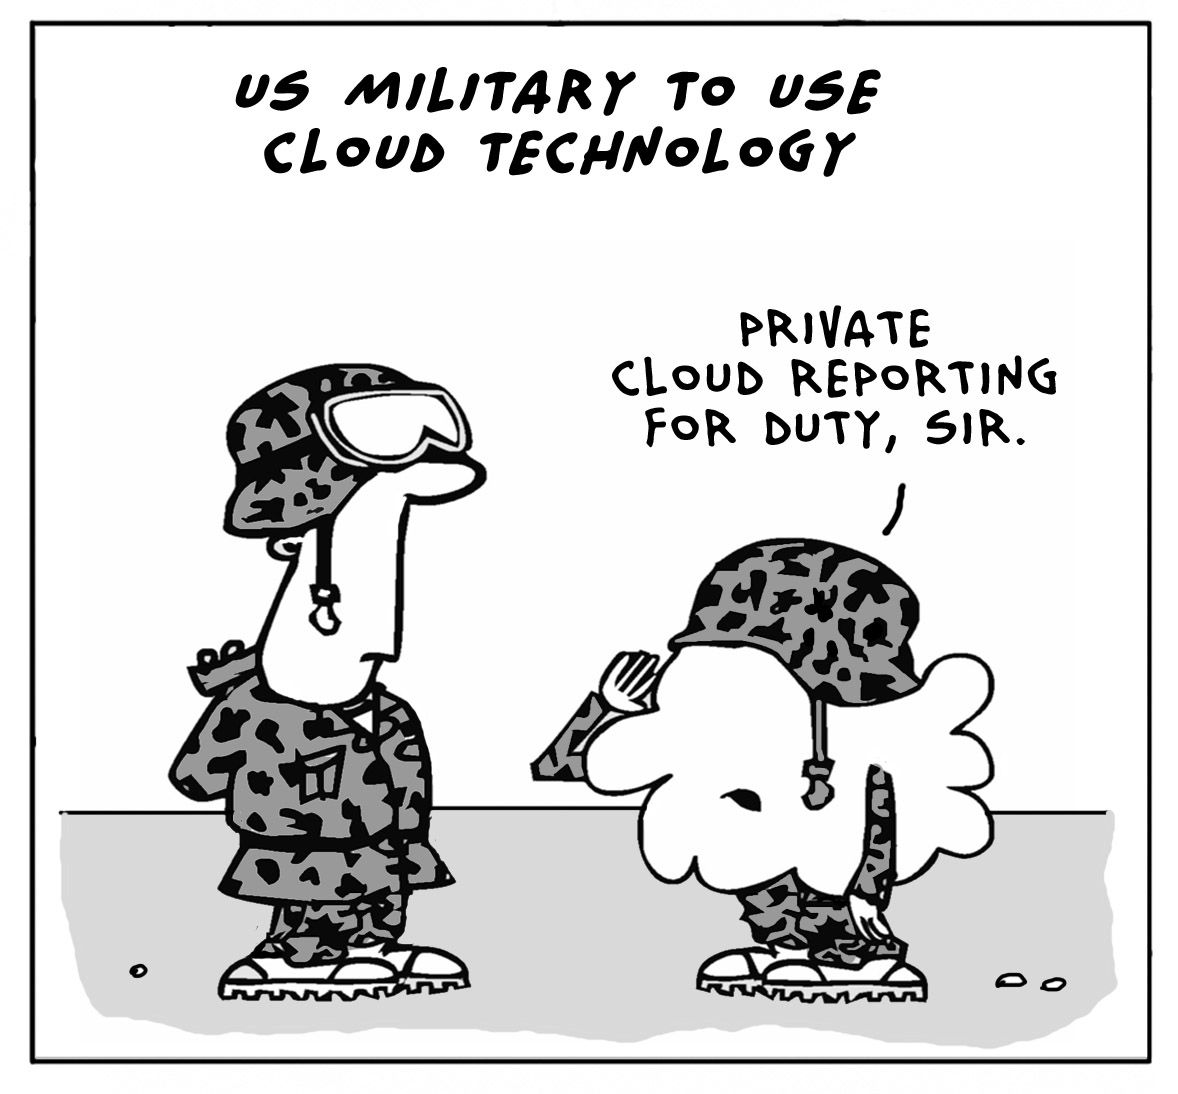 US Military to use Cloud Technology ;p via @CloudTweaks #